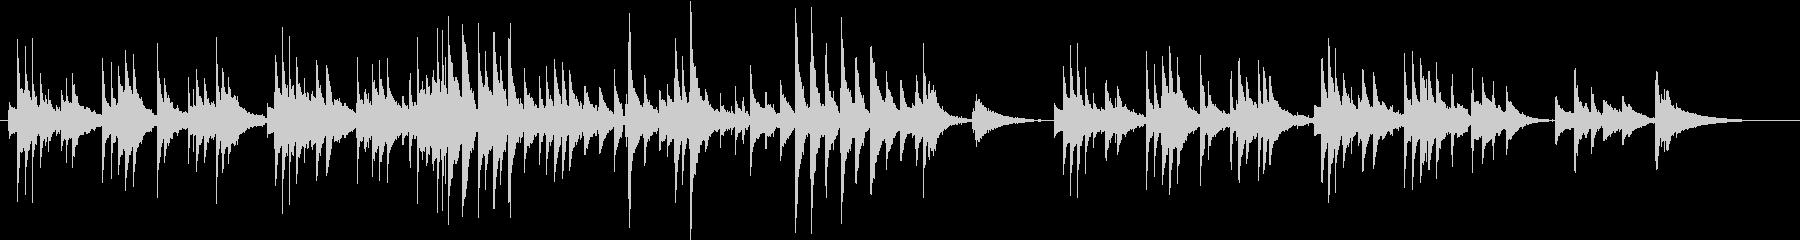 ギターが切ないアコースティックバラードの未再生の波形